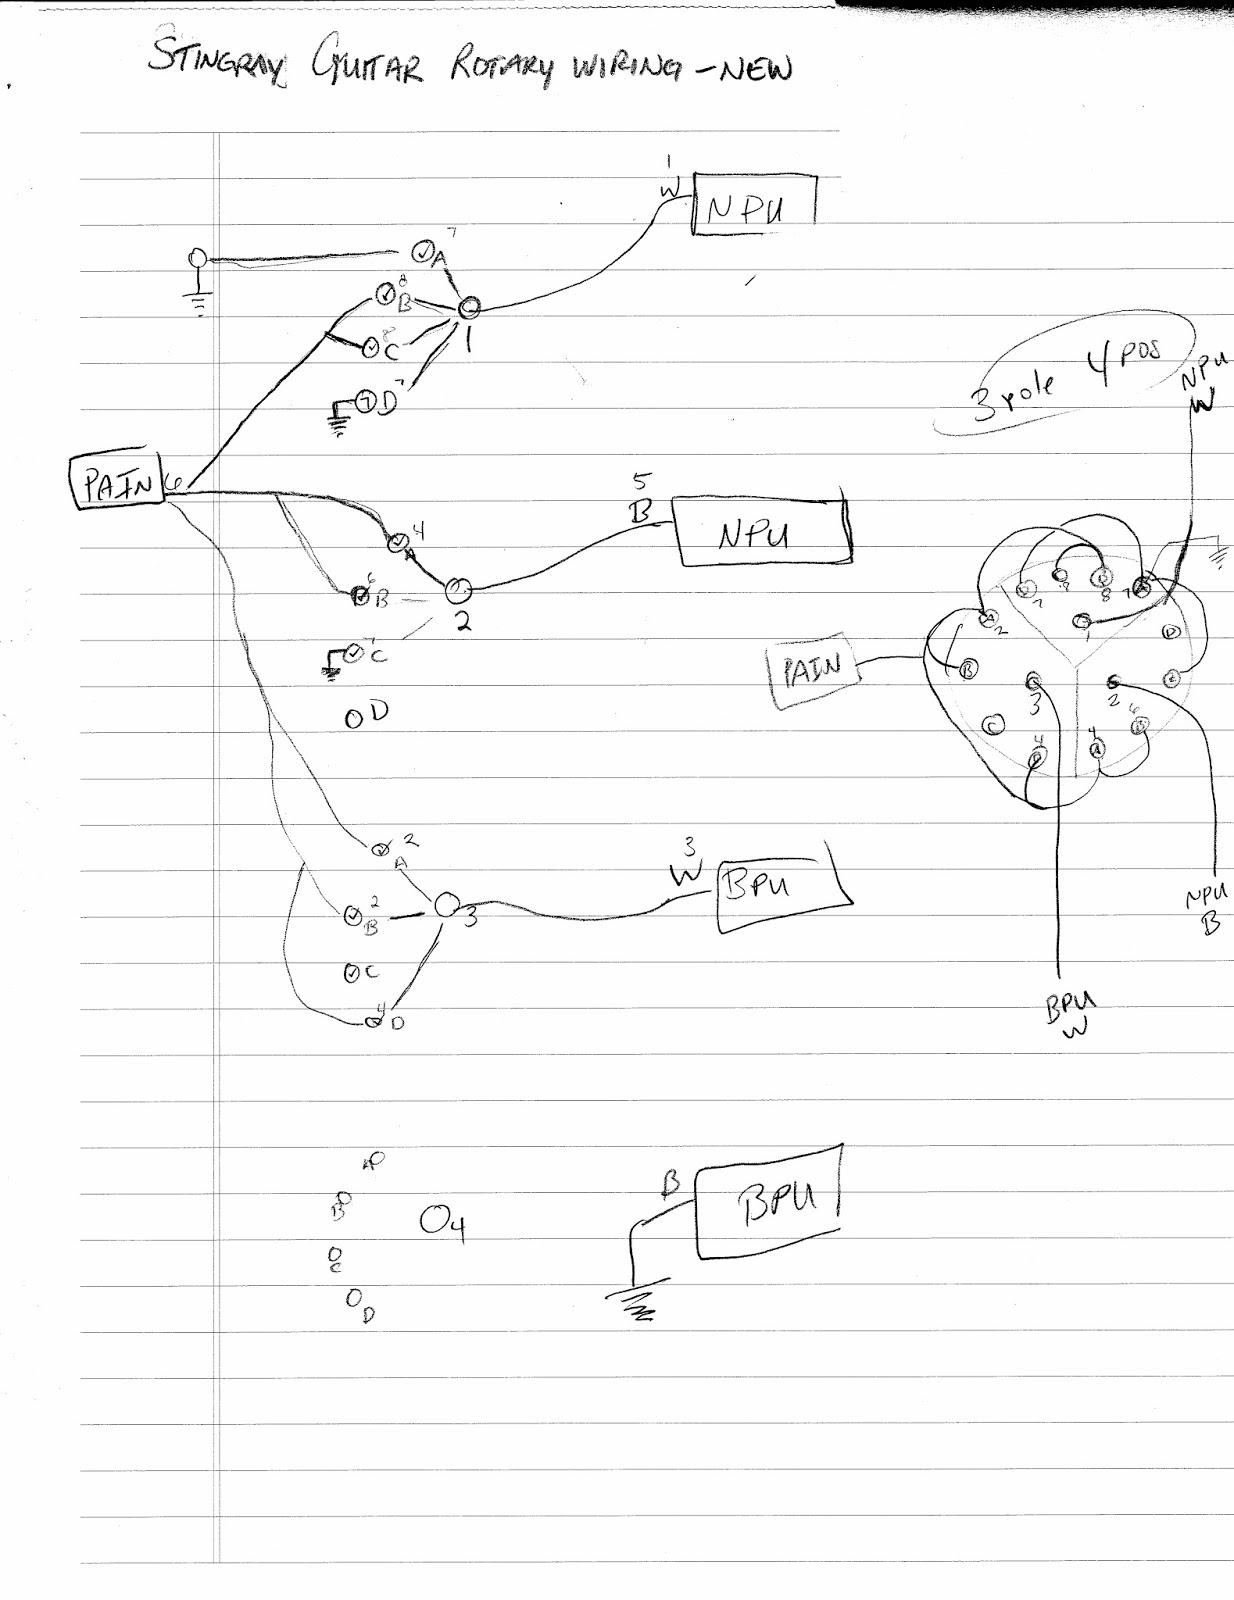 Musicman stingray wiring diagram 32 wiring diagram images wiring